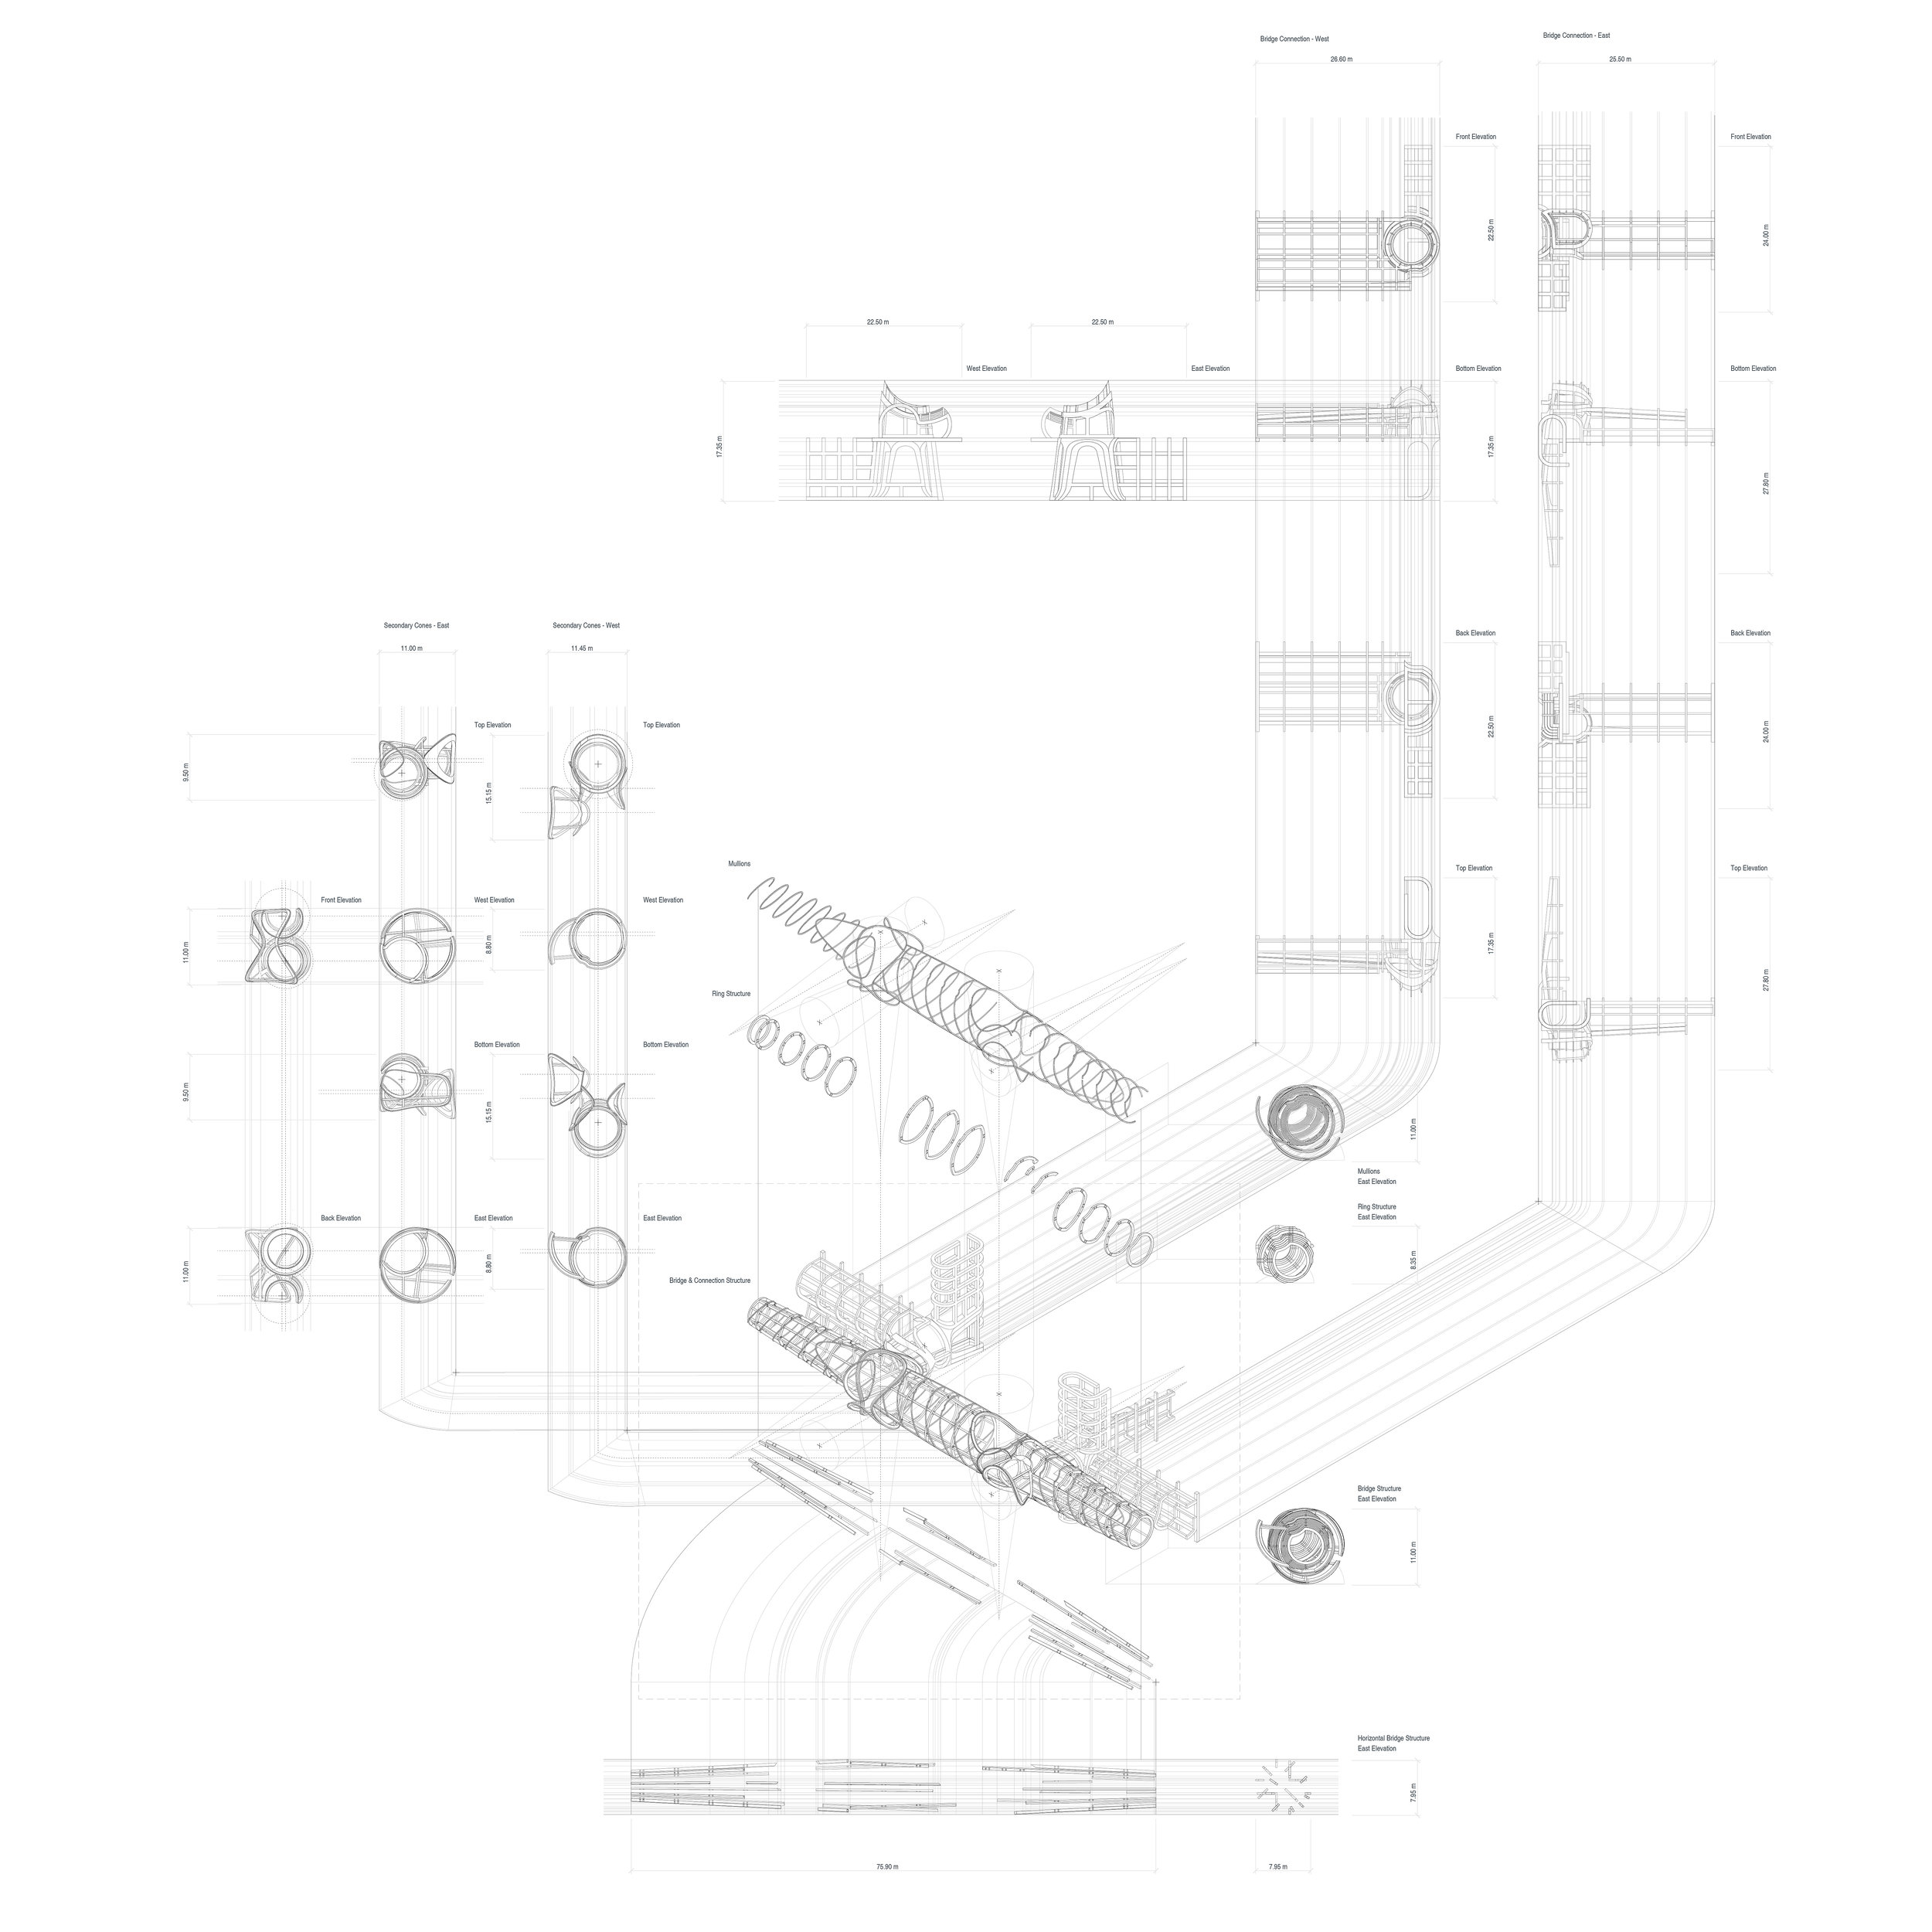 C_StructureDiagram.jpg